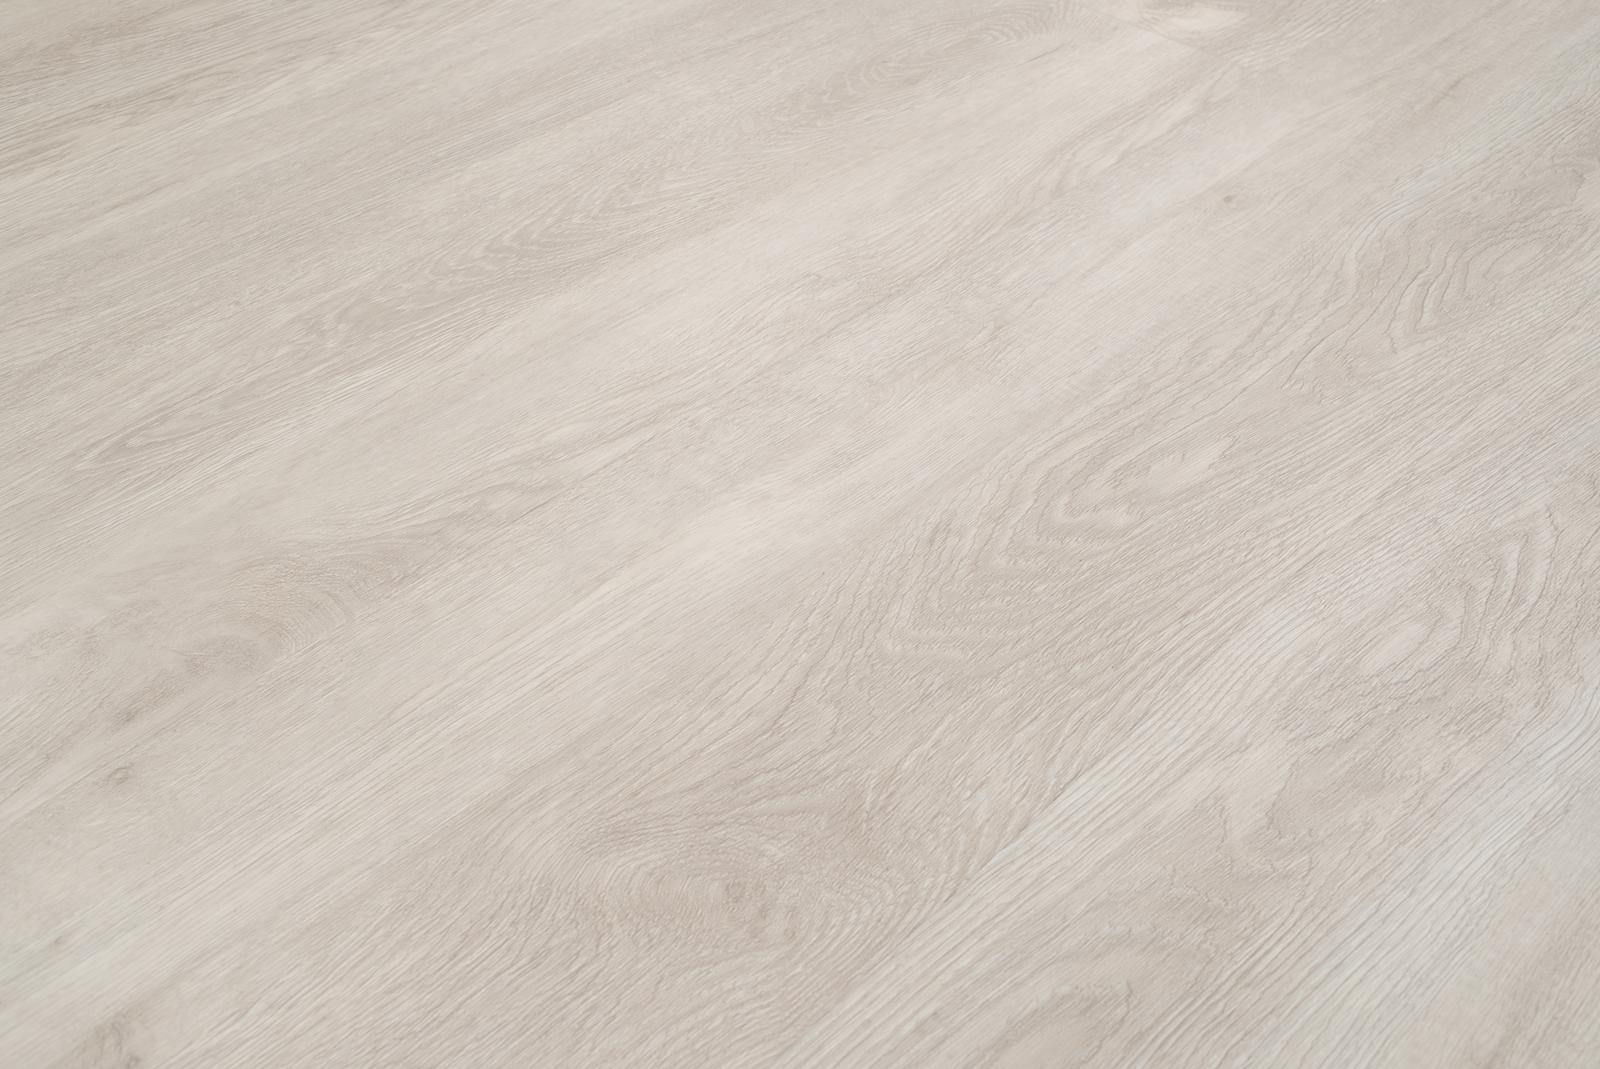 Laminaat Wit Eiken : Floer bossen pvc spaarbankbos wit eiken vloeren eik met v groef